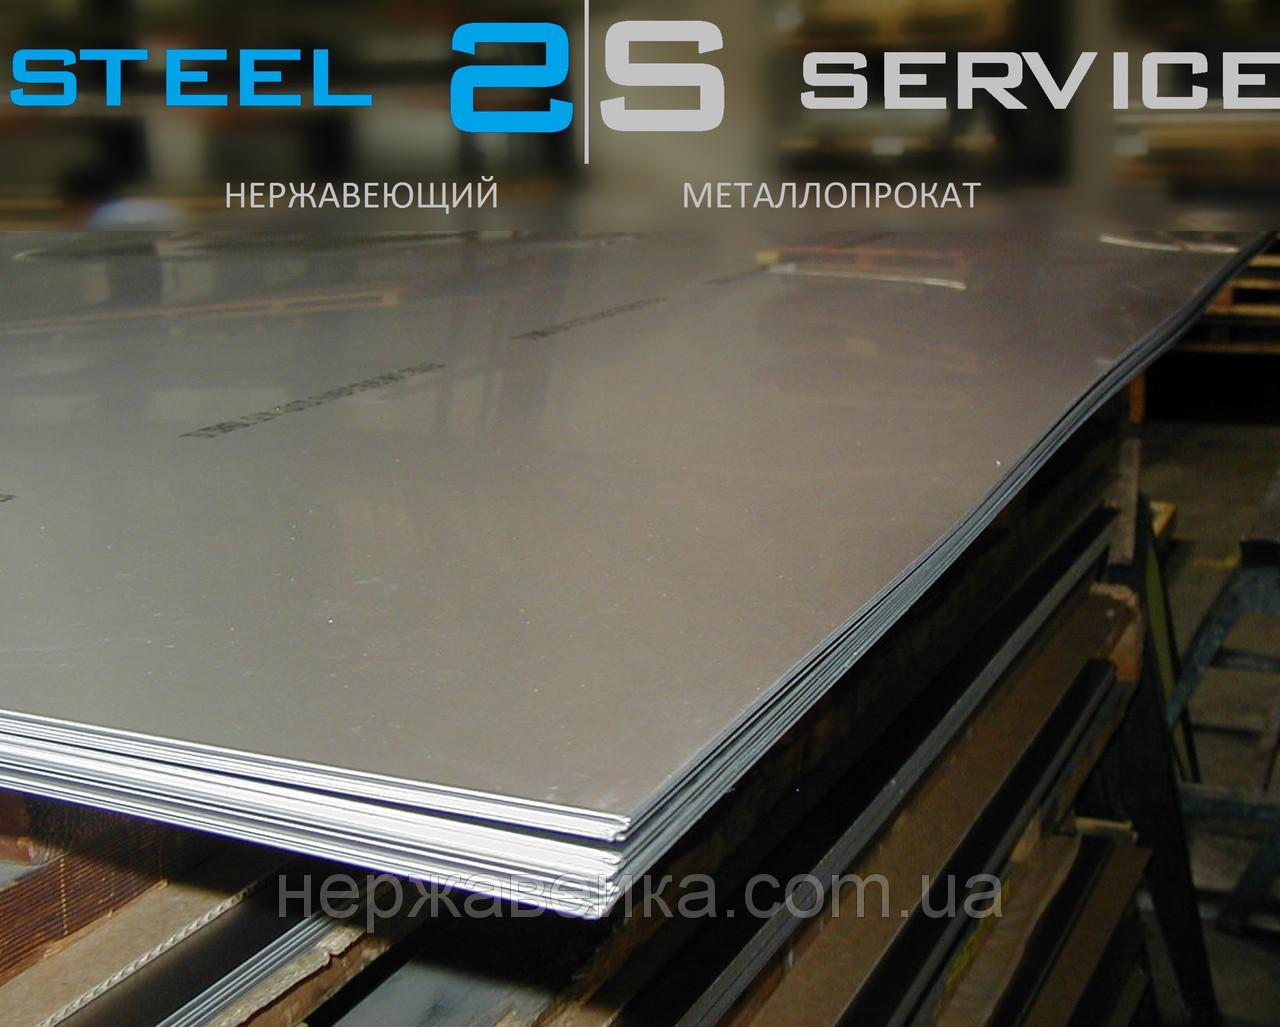 Нержавейка лист 16х1500х3000мм  AISI 309(20Х23Н13, 20Х20Н14С2) F1 - горячекатанный,  жаропрочный